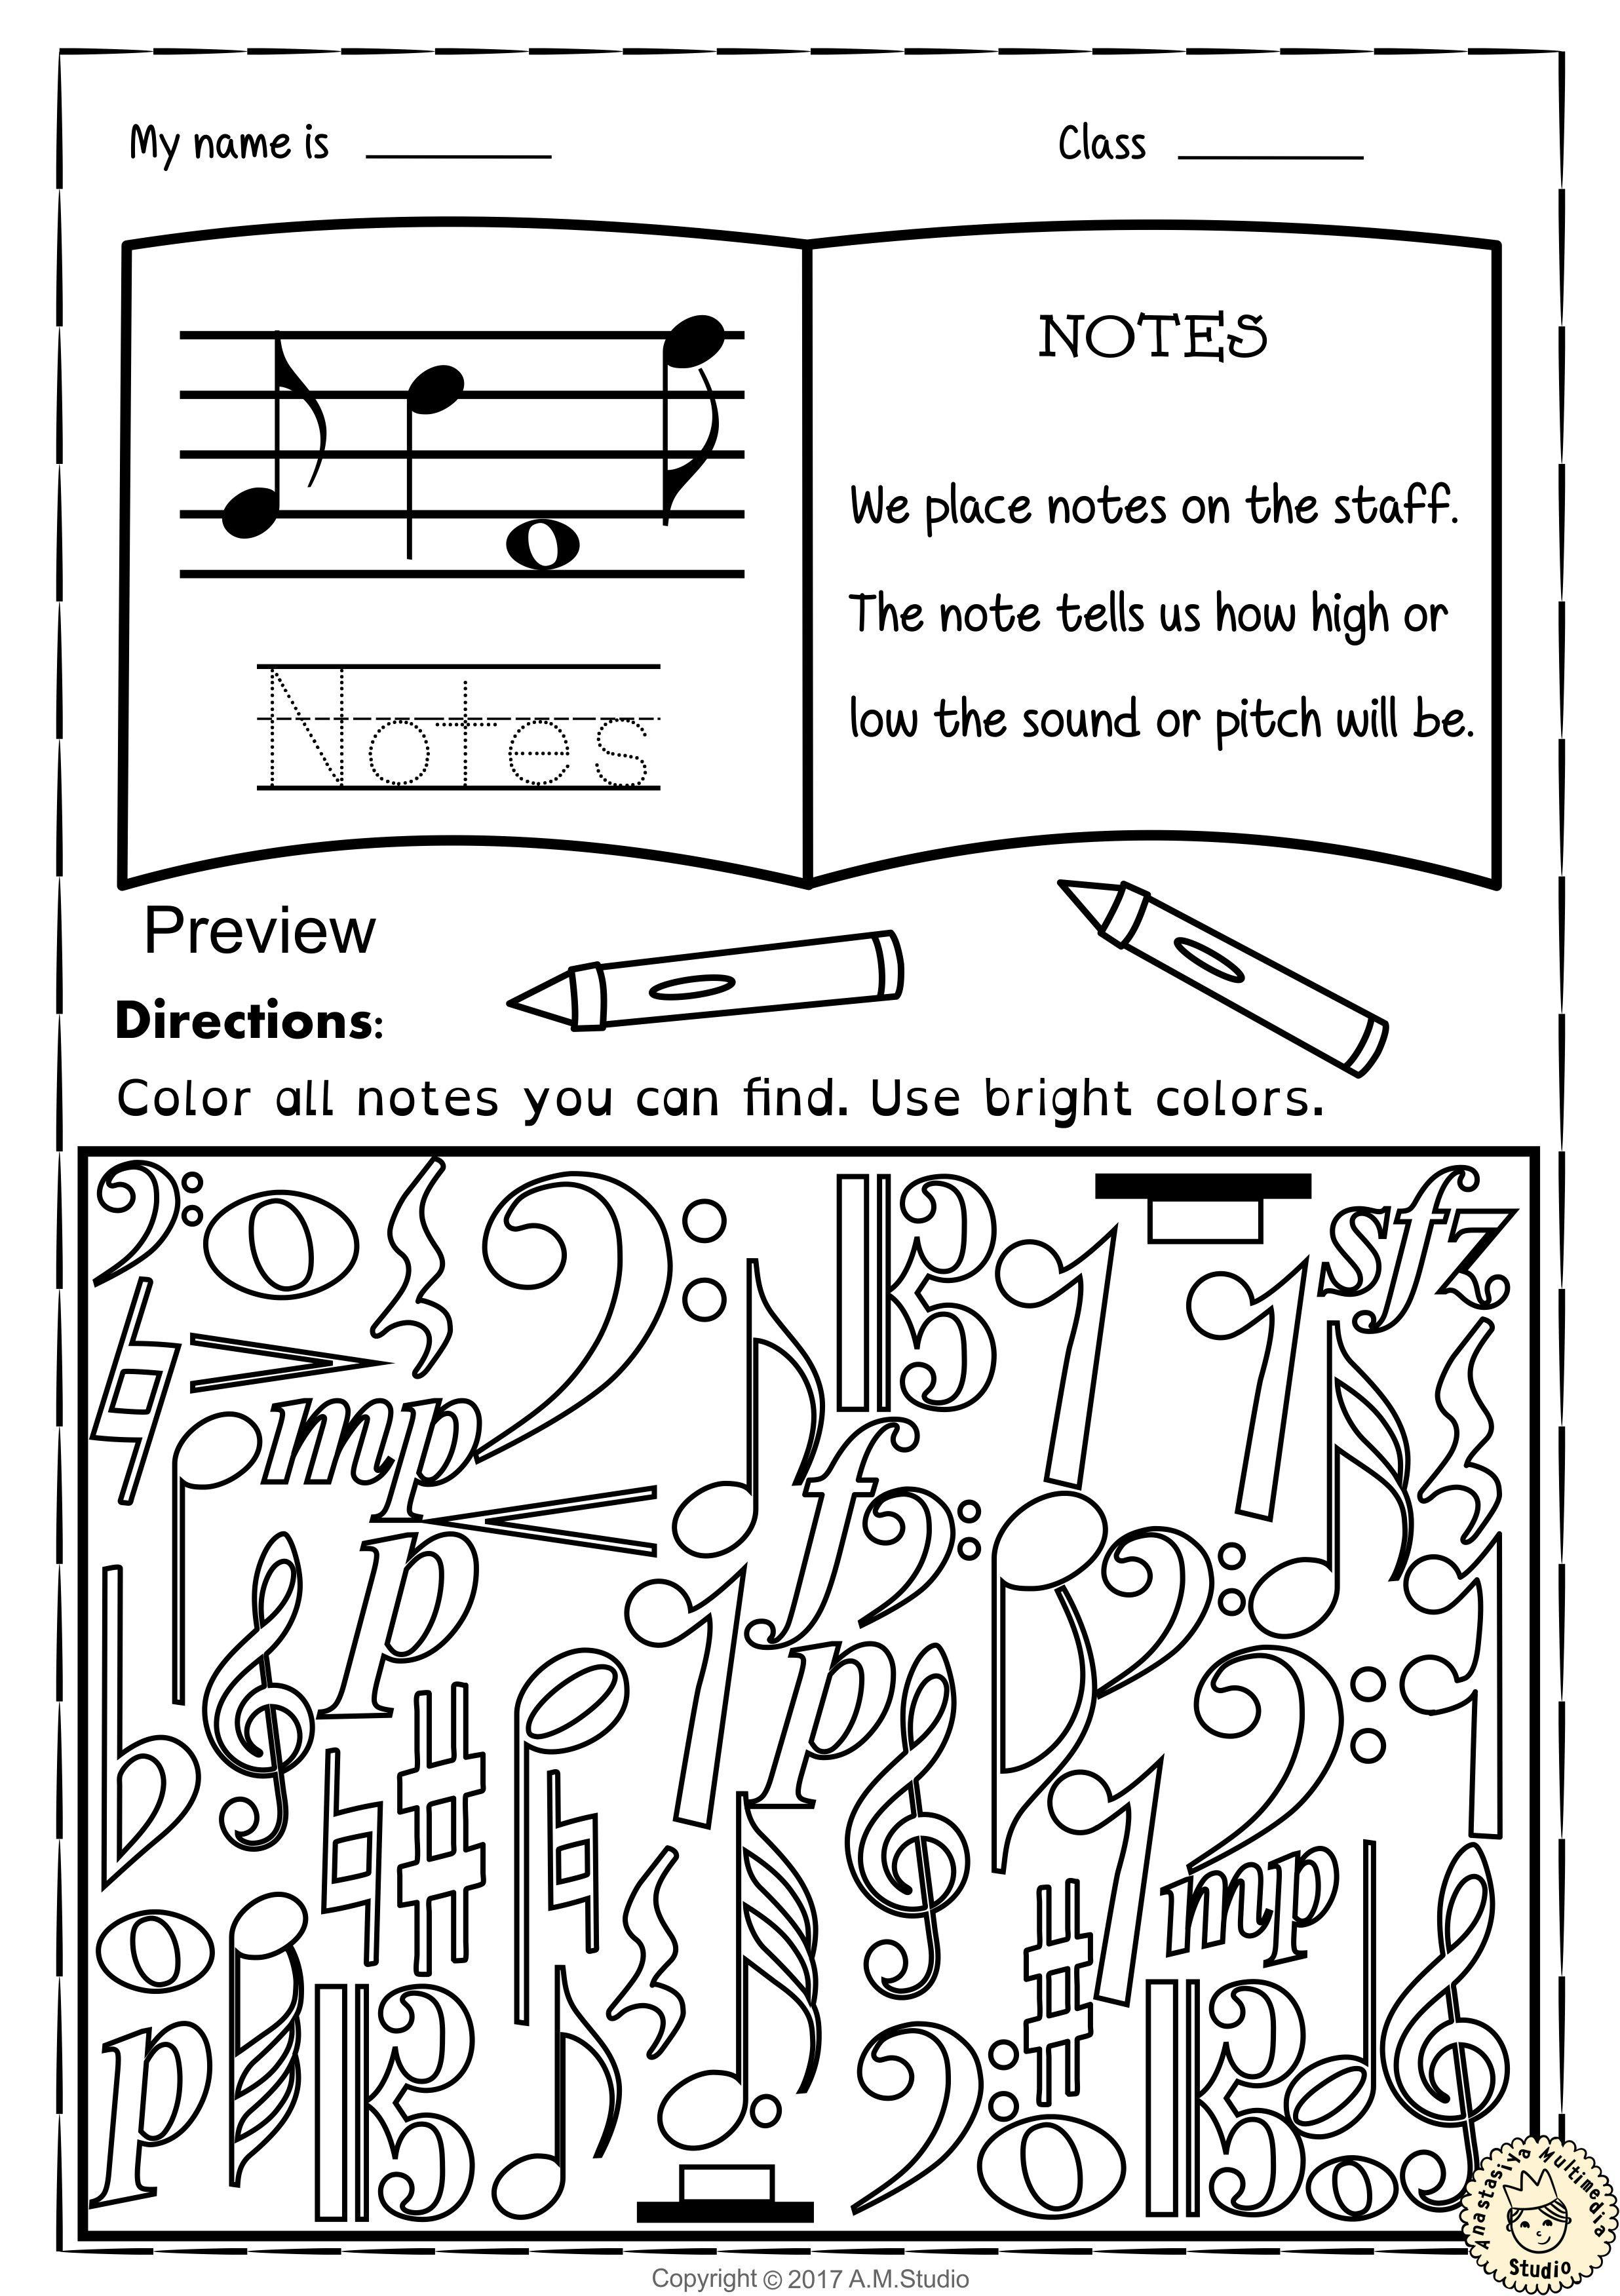 New Music Theory Worksheets Musictheoryalevel Musictheoryap Musictheoryfordummiespdf Elementary Music Worksheets Music Theory Worksheets Music Worksheets